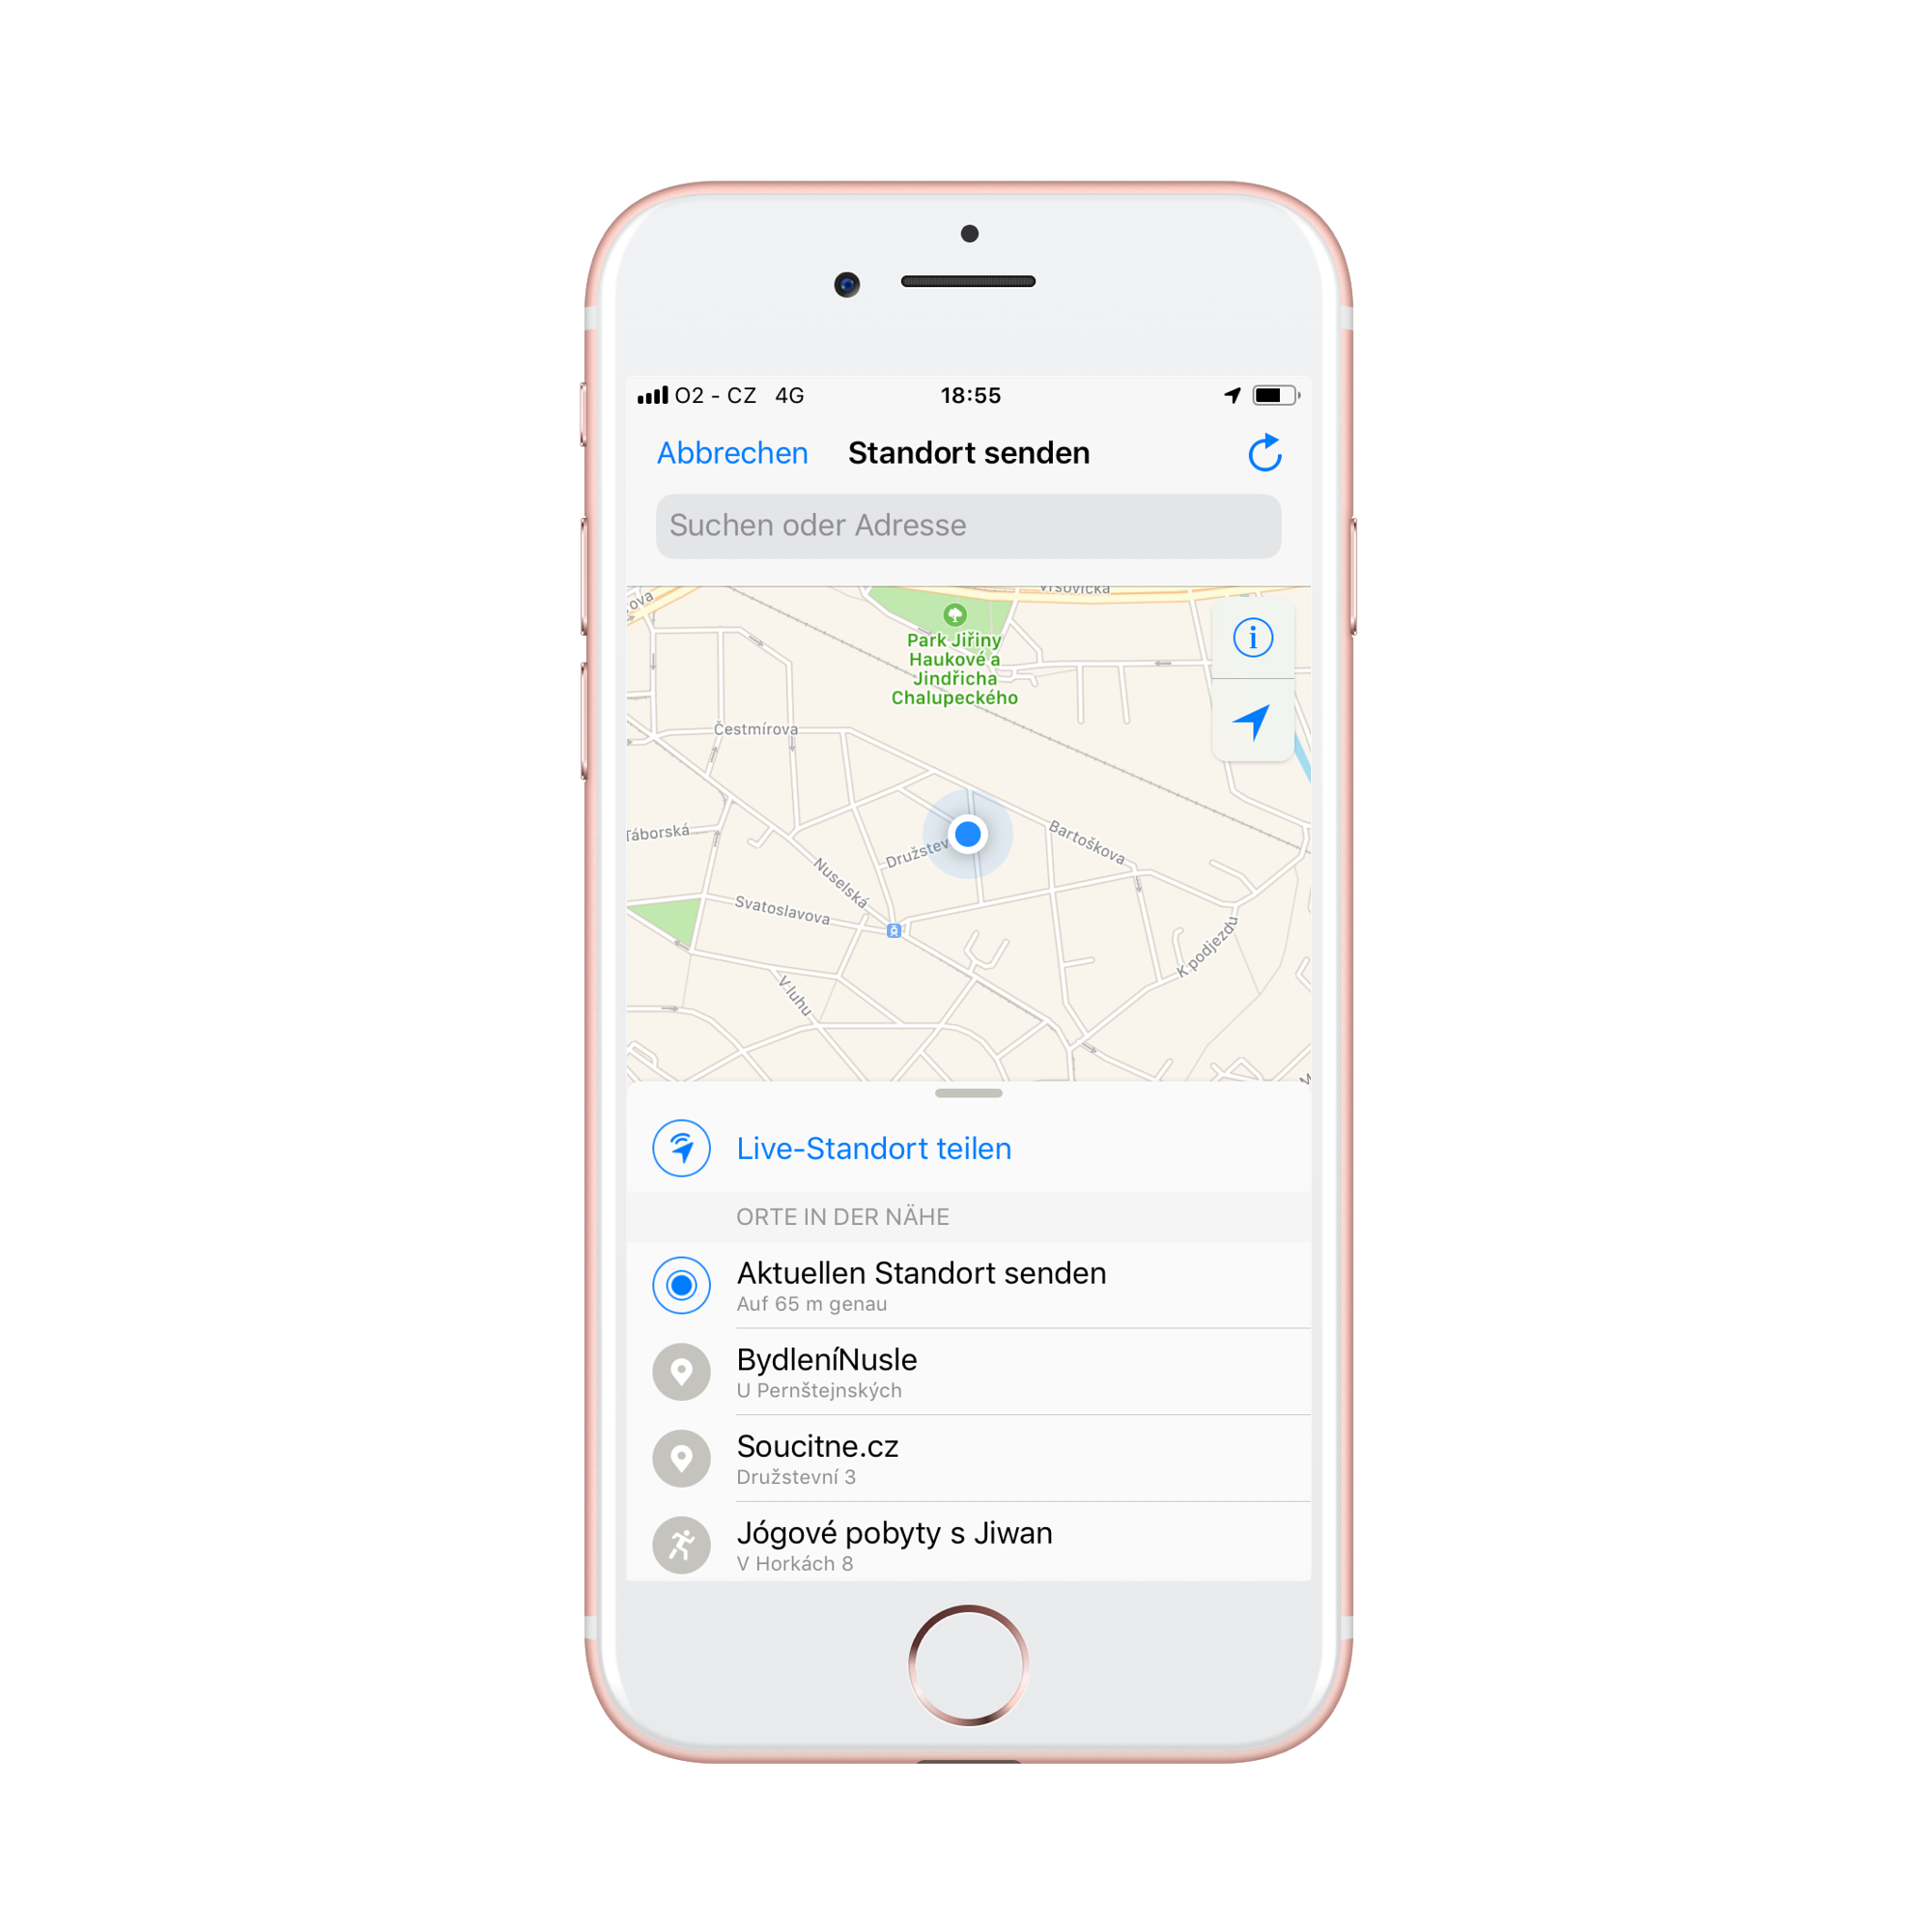 Whatsapp Live Standort So Teilen Sie Ihren Standort